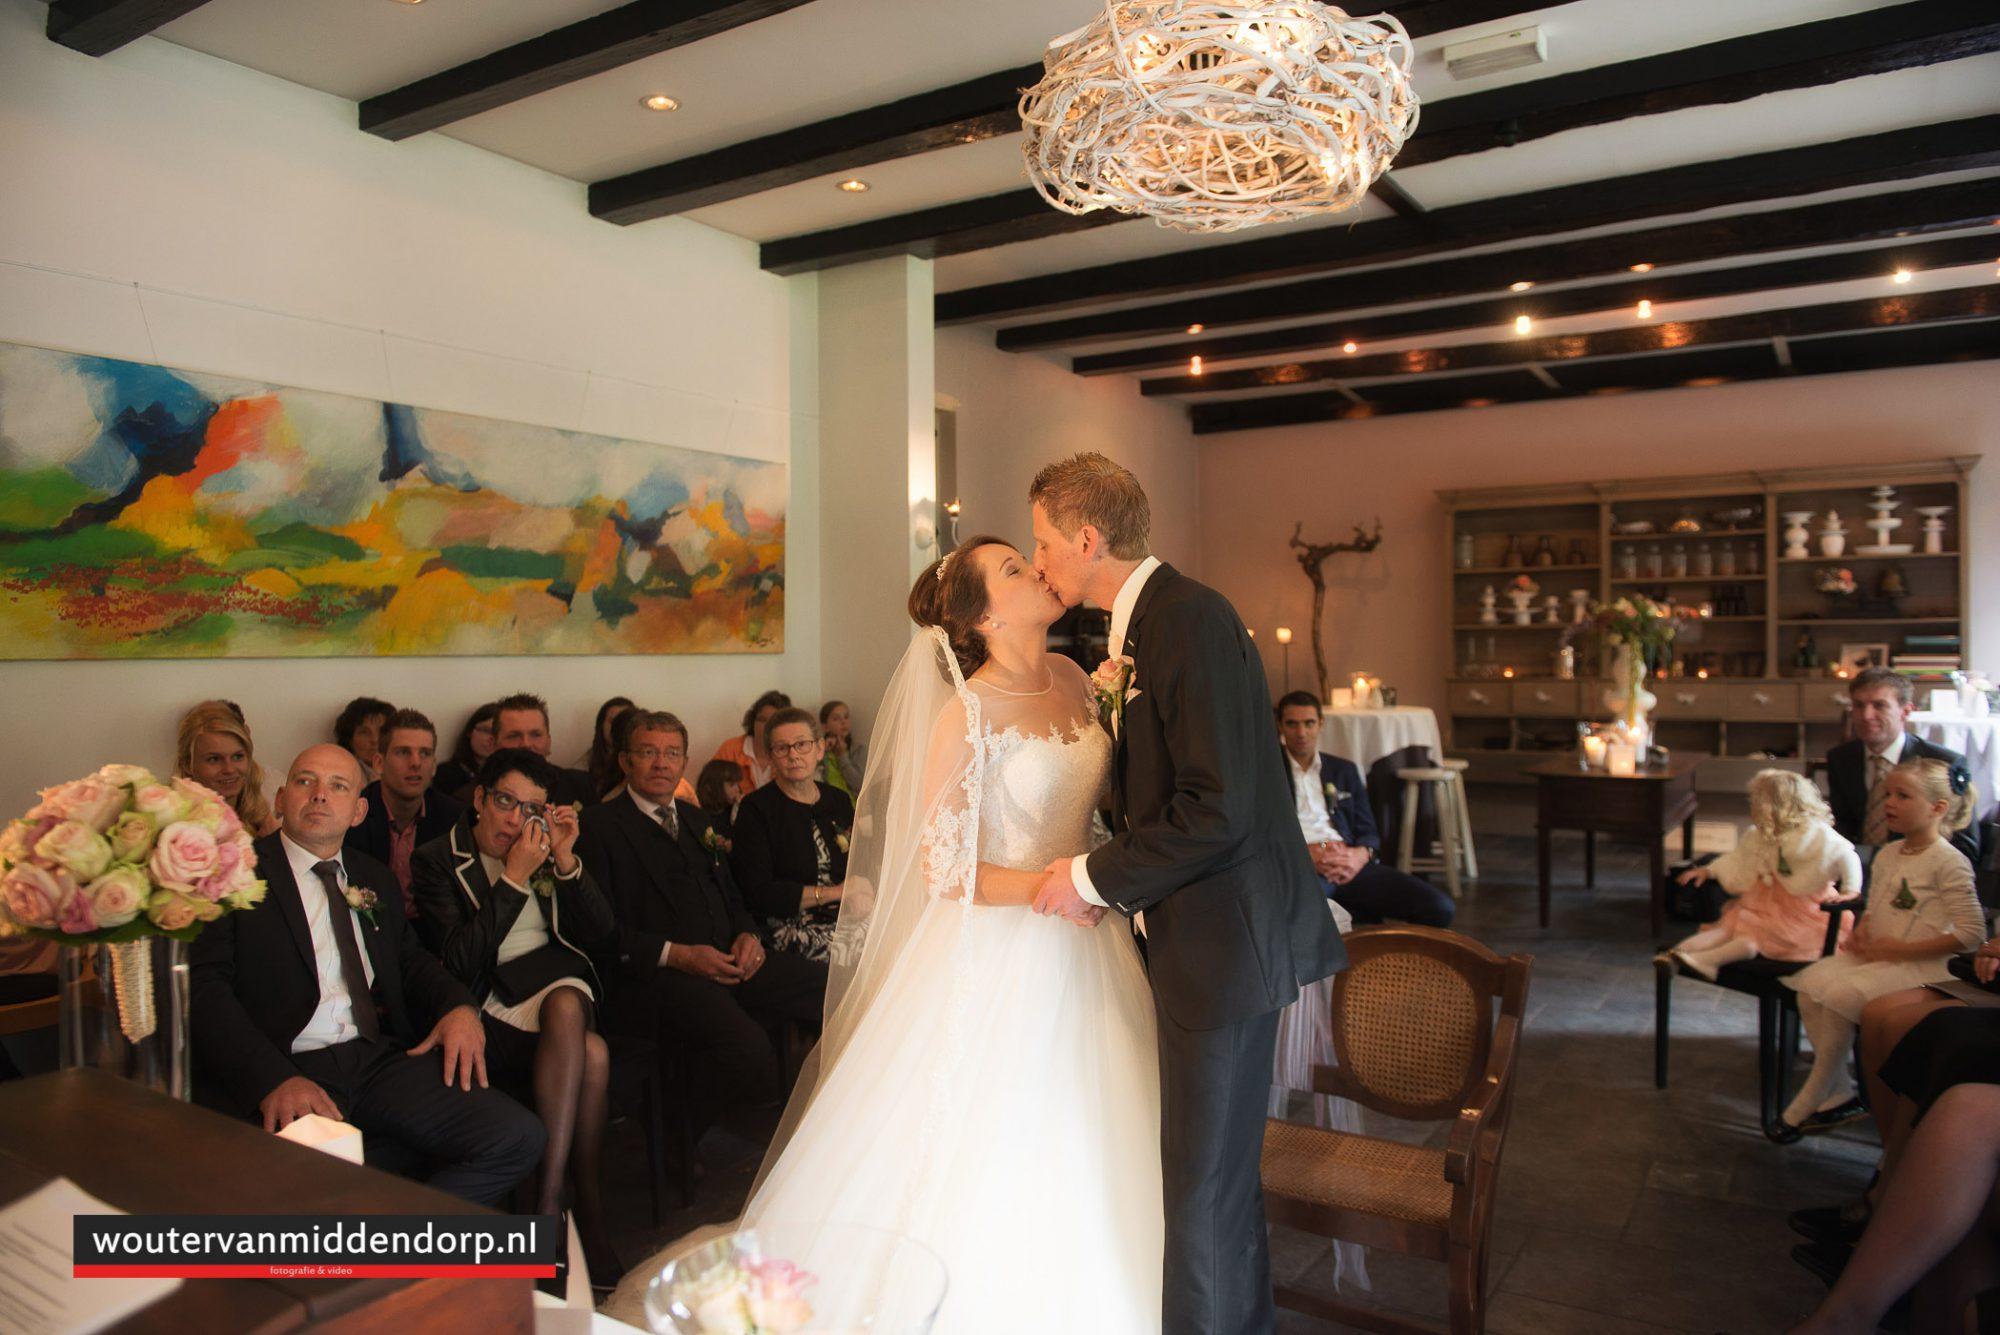 bruidsfotografie-wouter-van-middendorp-uddel-26